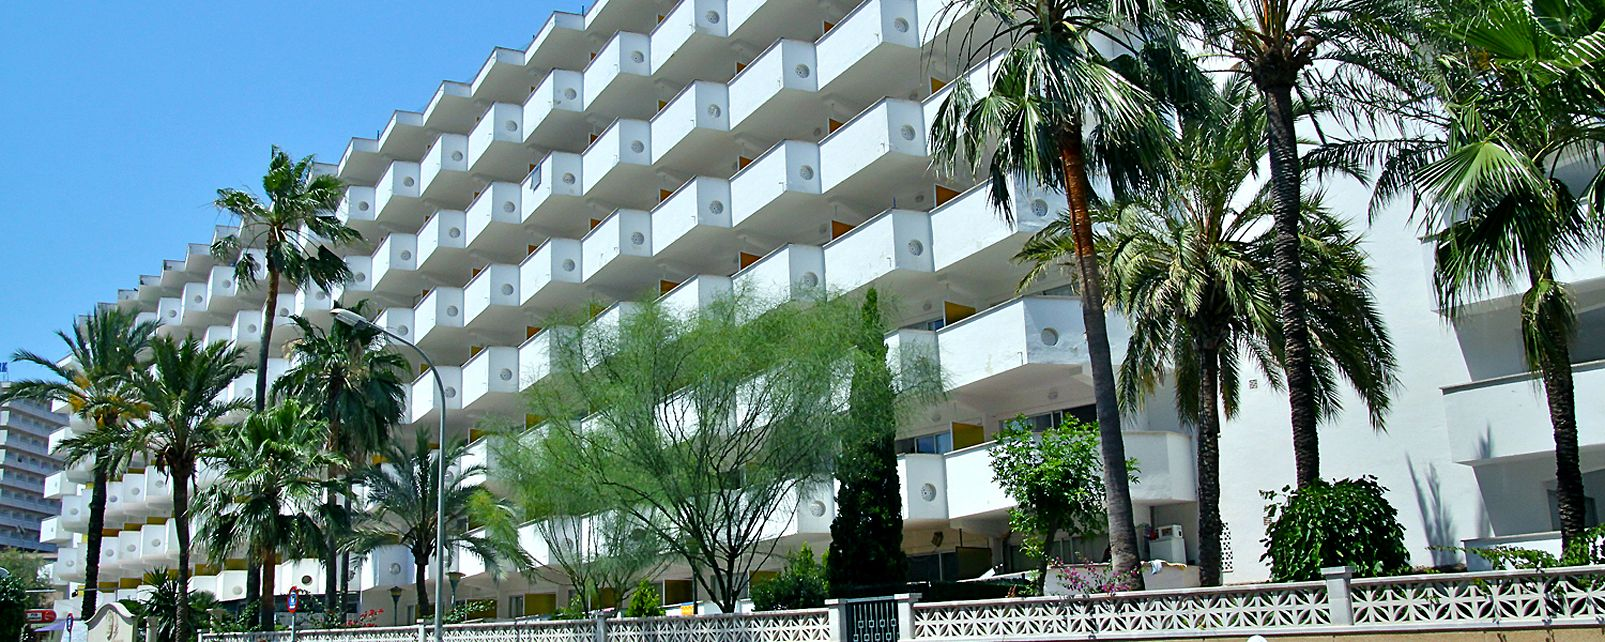 Hôtel Ola Panama